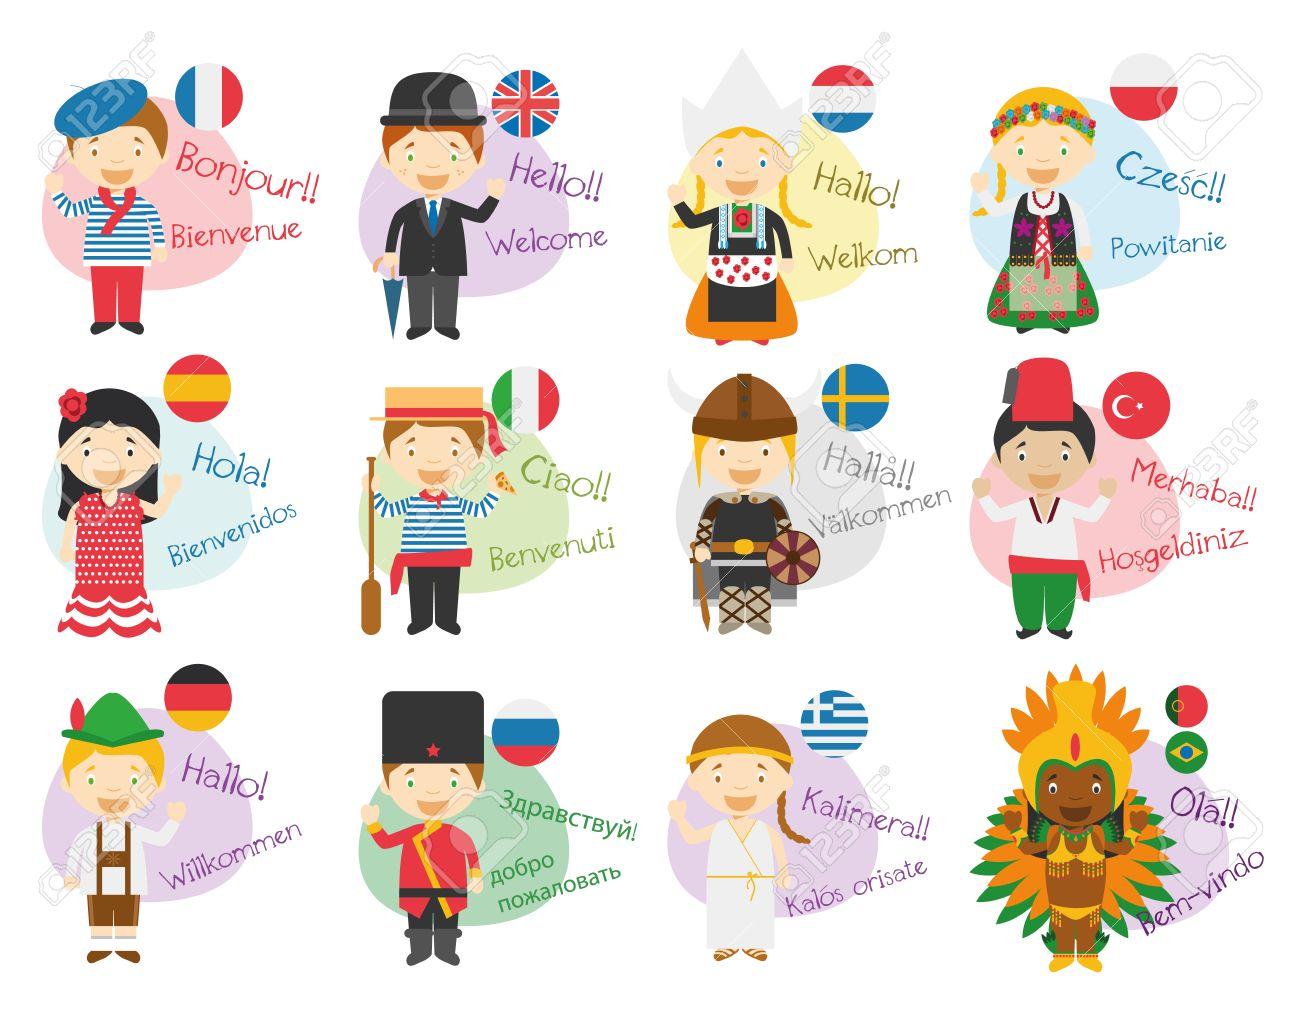 vector illustration de personnages de dessins animes dire bonjour et bienvenue dans 12 langues differentes ingl s francais espagnol allemand